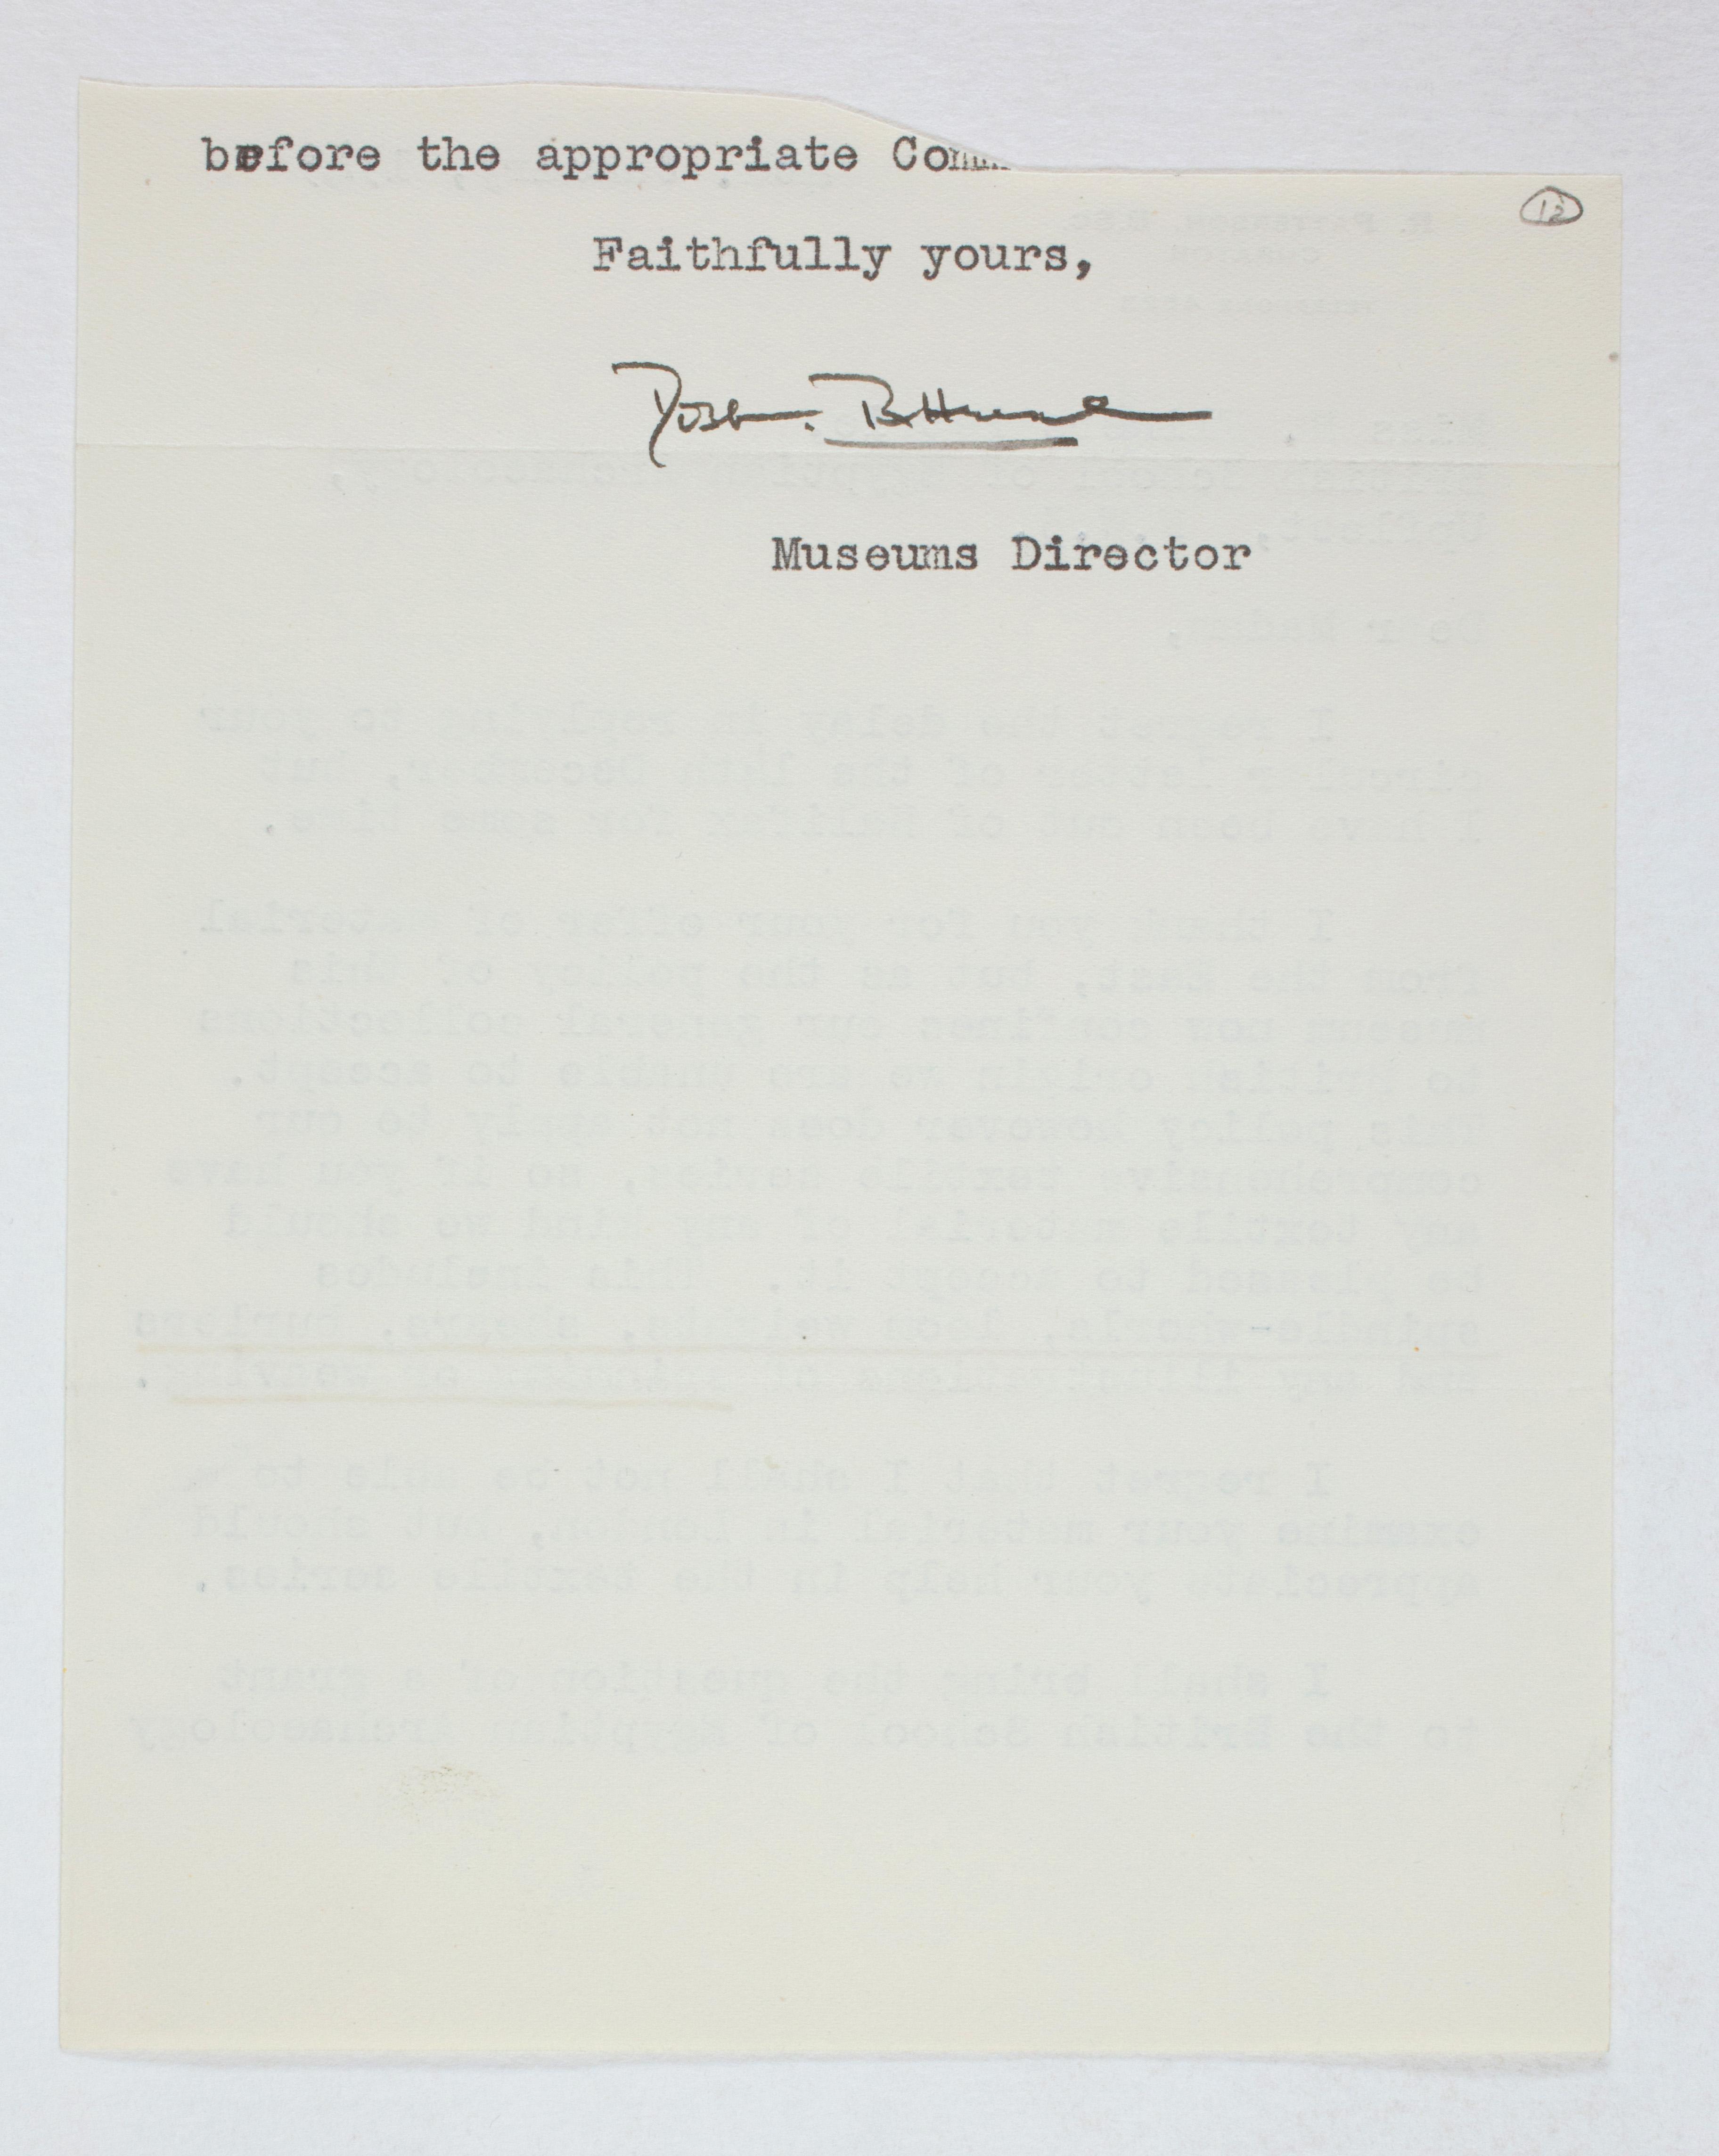 1931-50 Reserve correspondence Correspondence PMA/WFP1/D/32/12.2